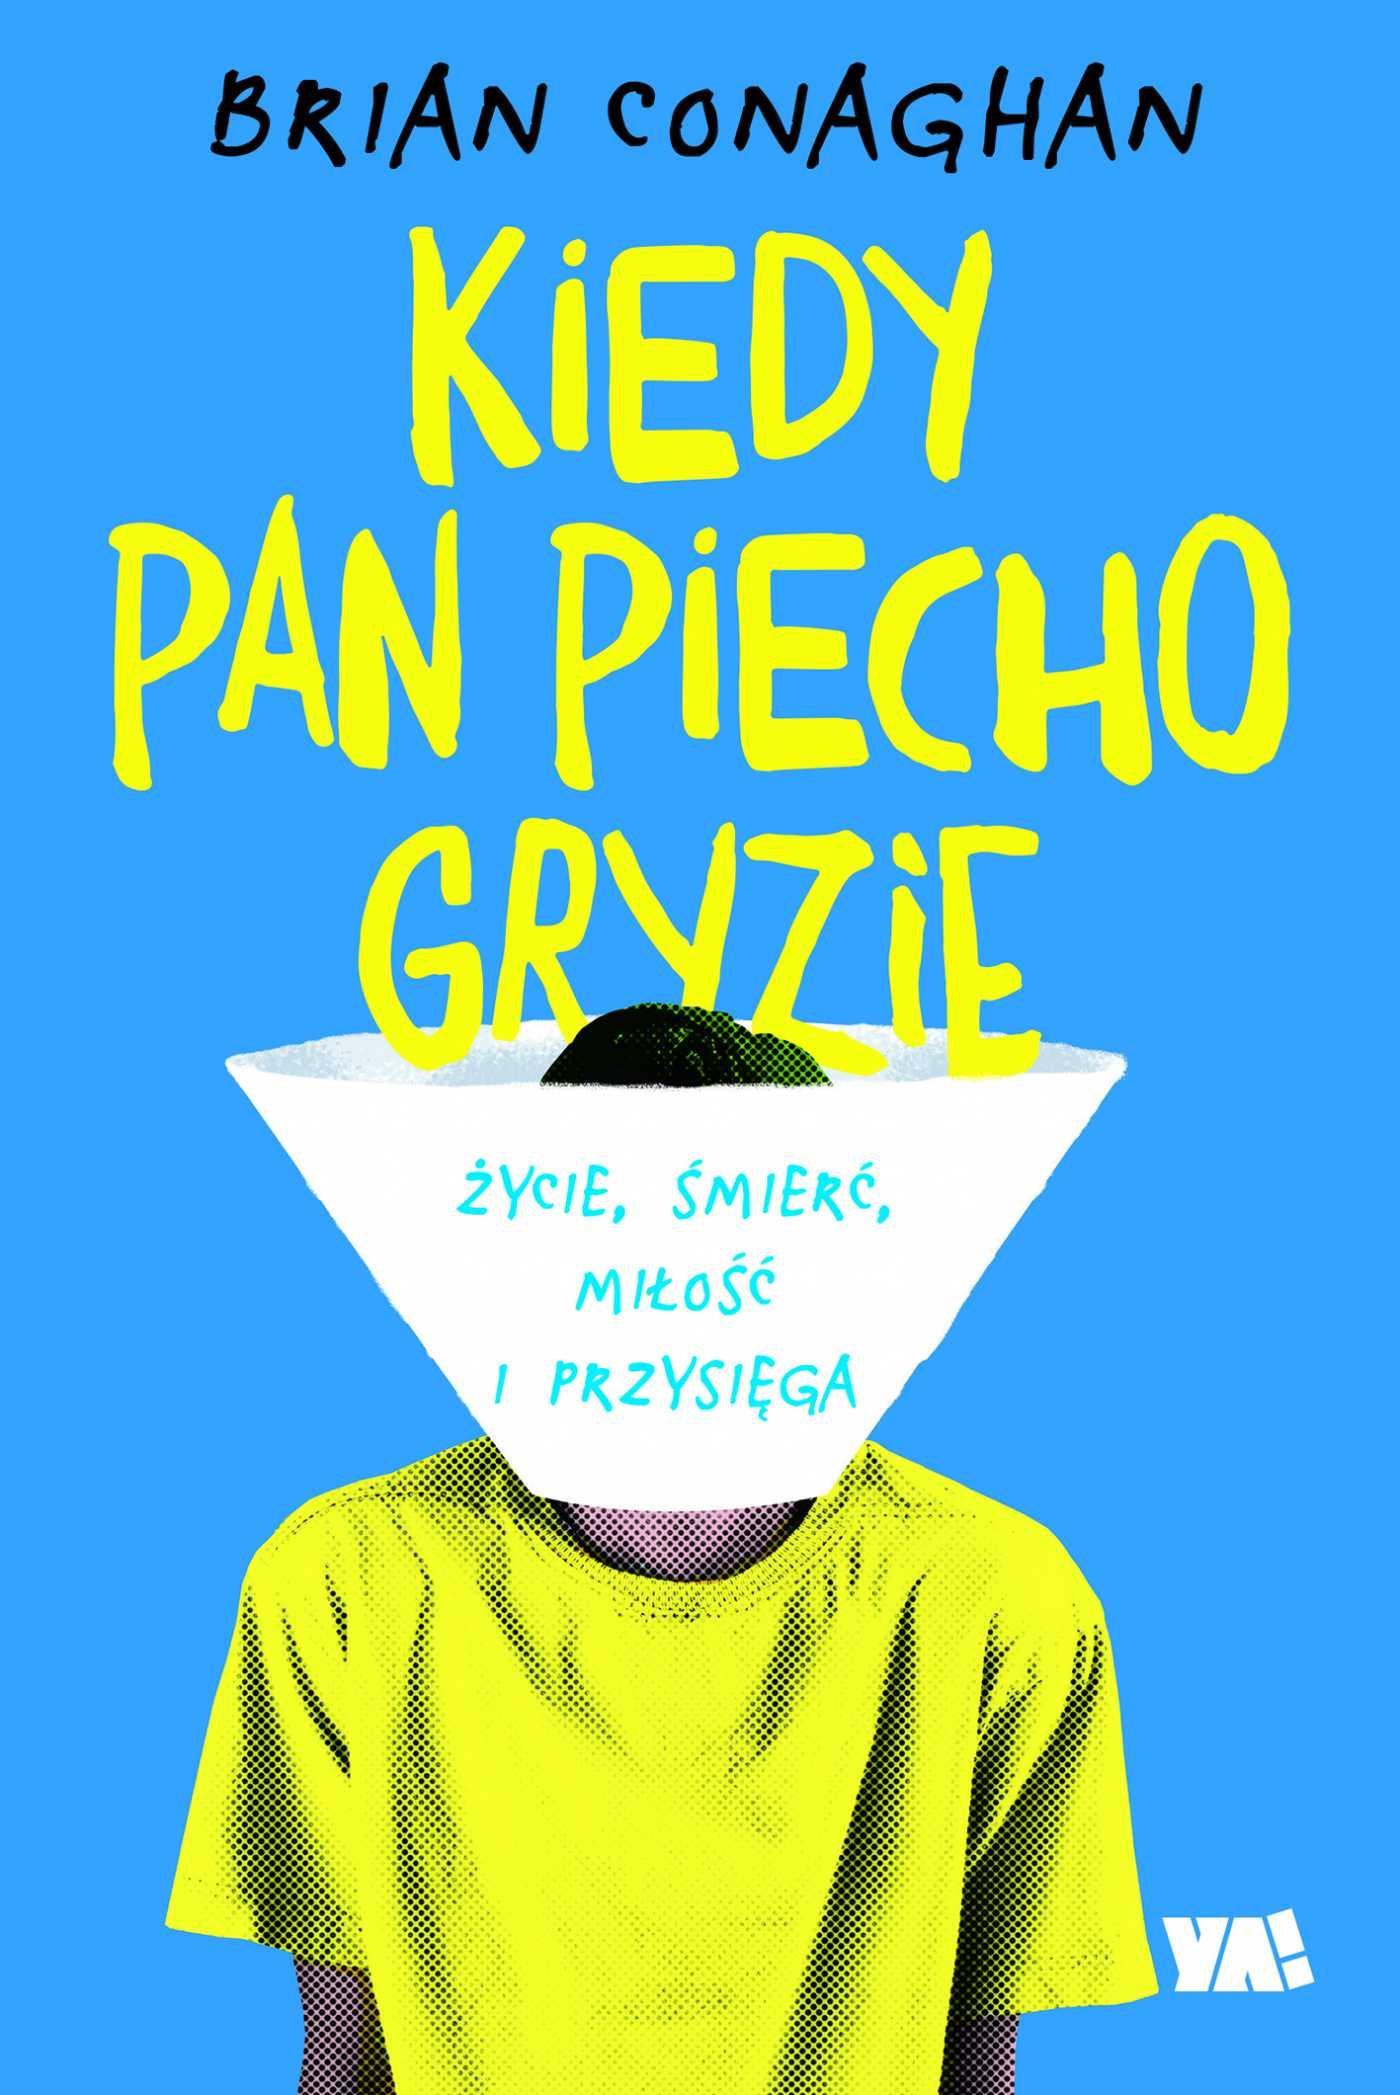 Kiedy Pan Piecho gryzie - Ebook (Książka na Kindle) do pobrania w formacie MOBI